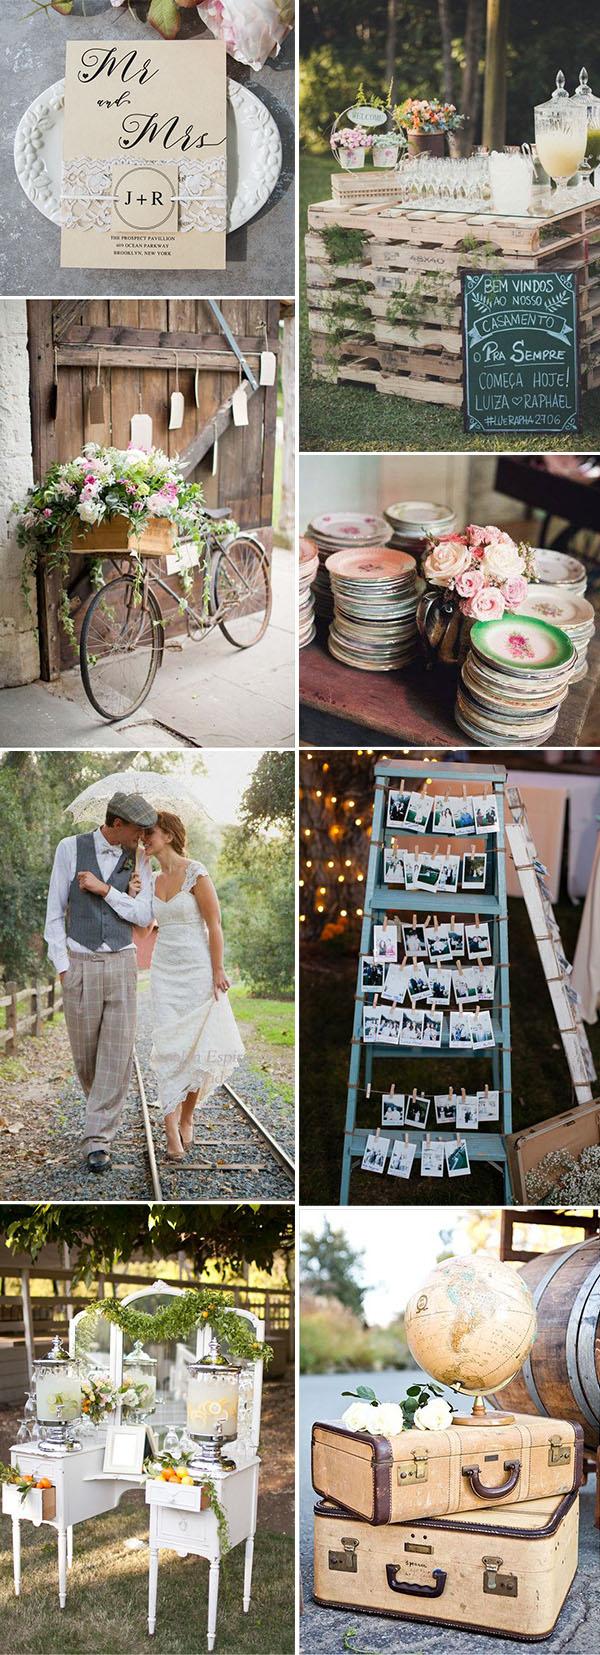 Vintage Wedding Ideas 6 Awesome Vintage Wedding Theme Ideas To Inspire You